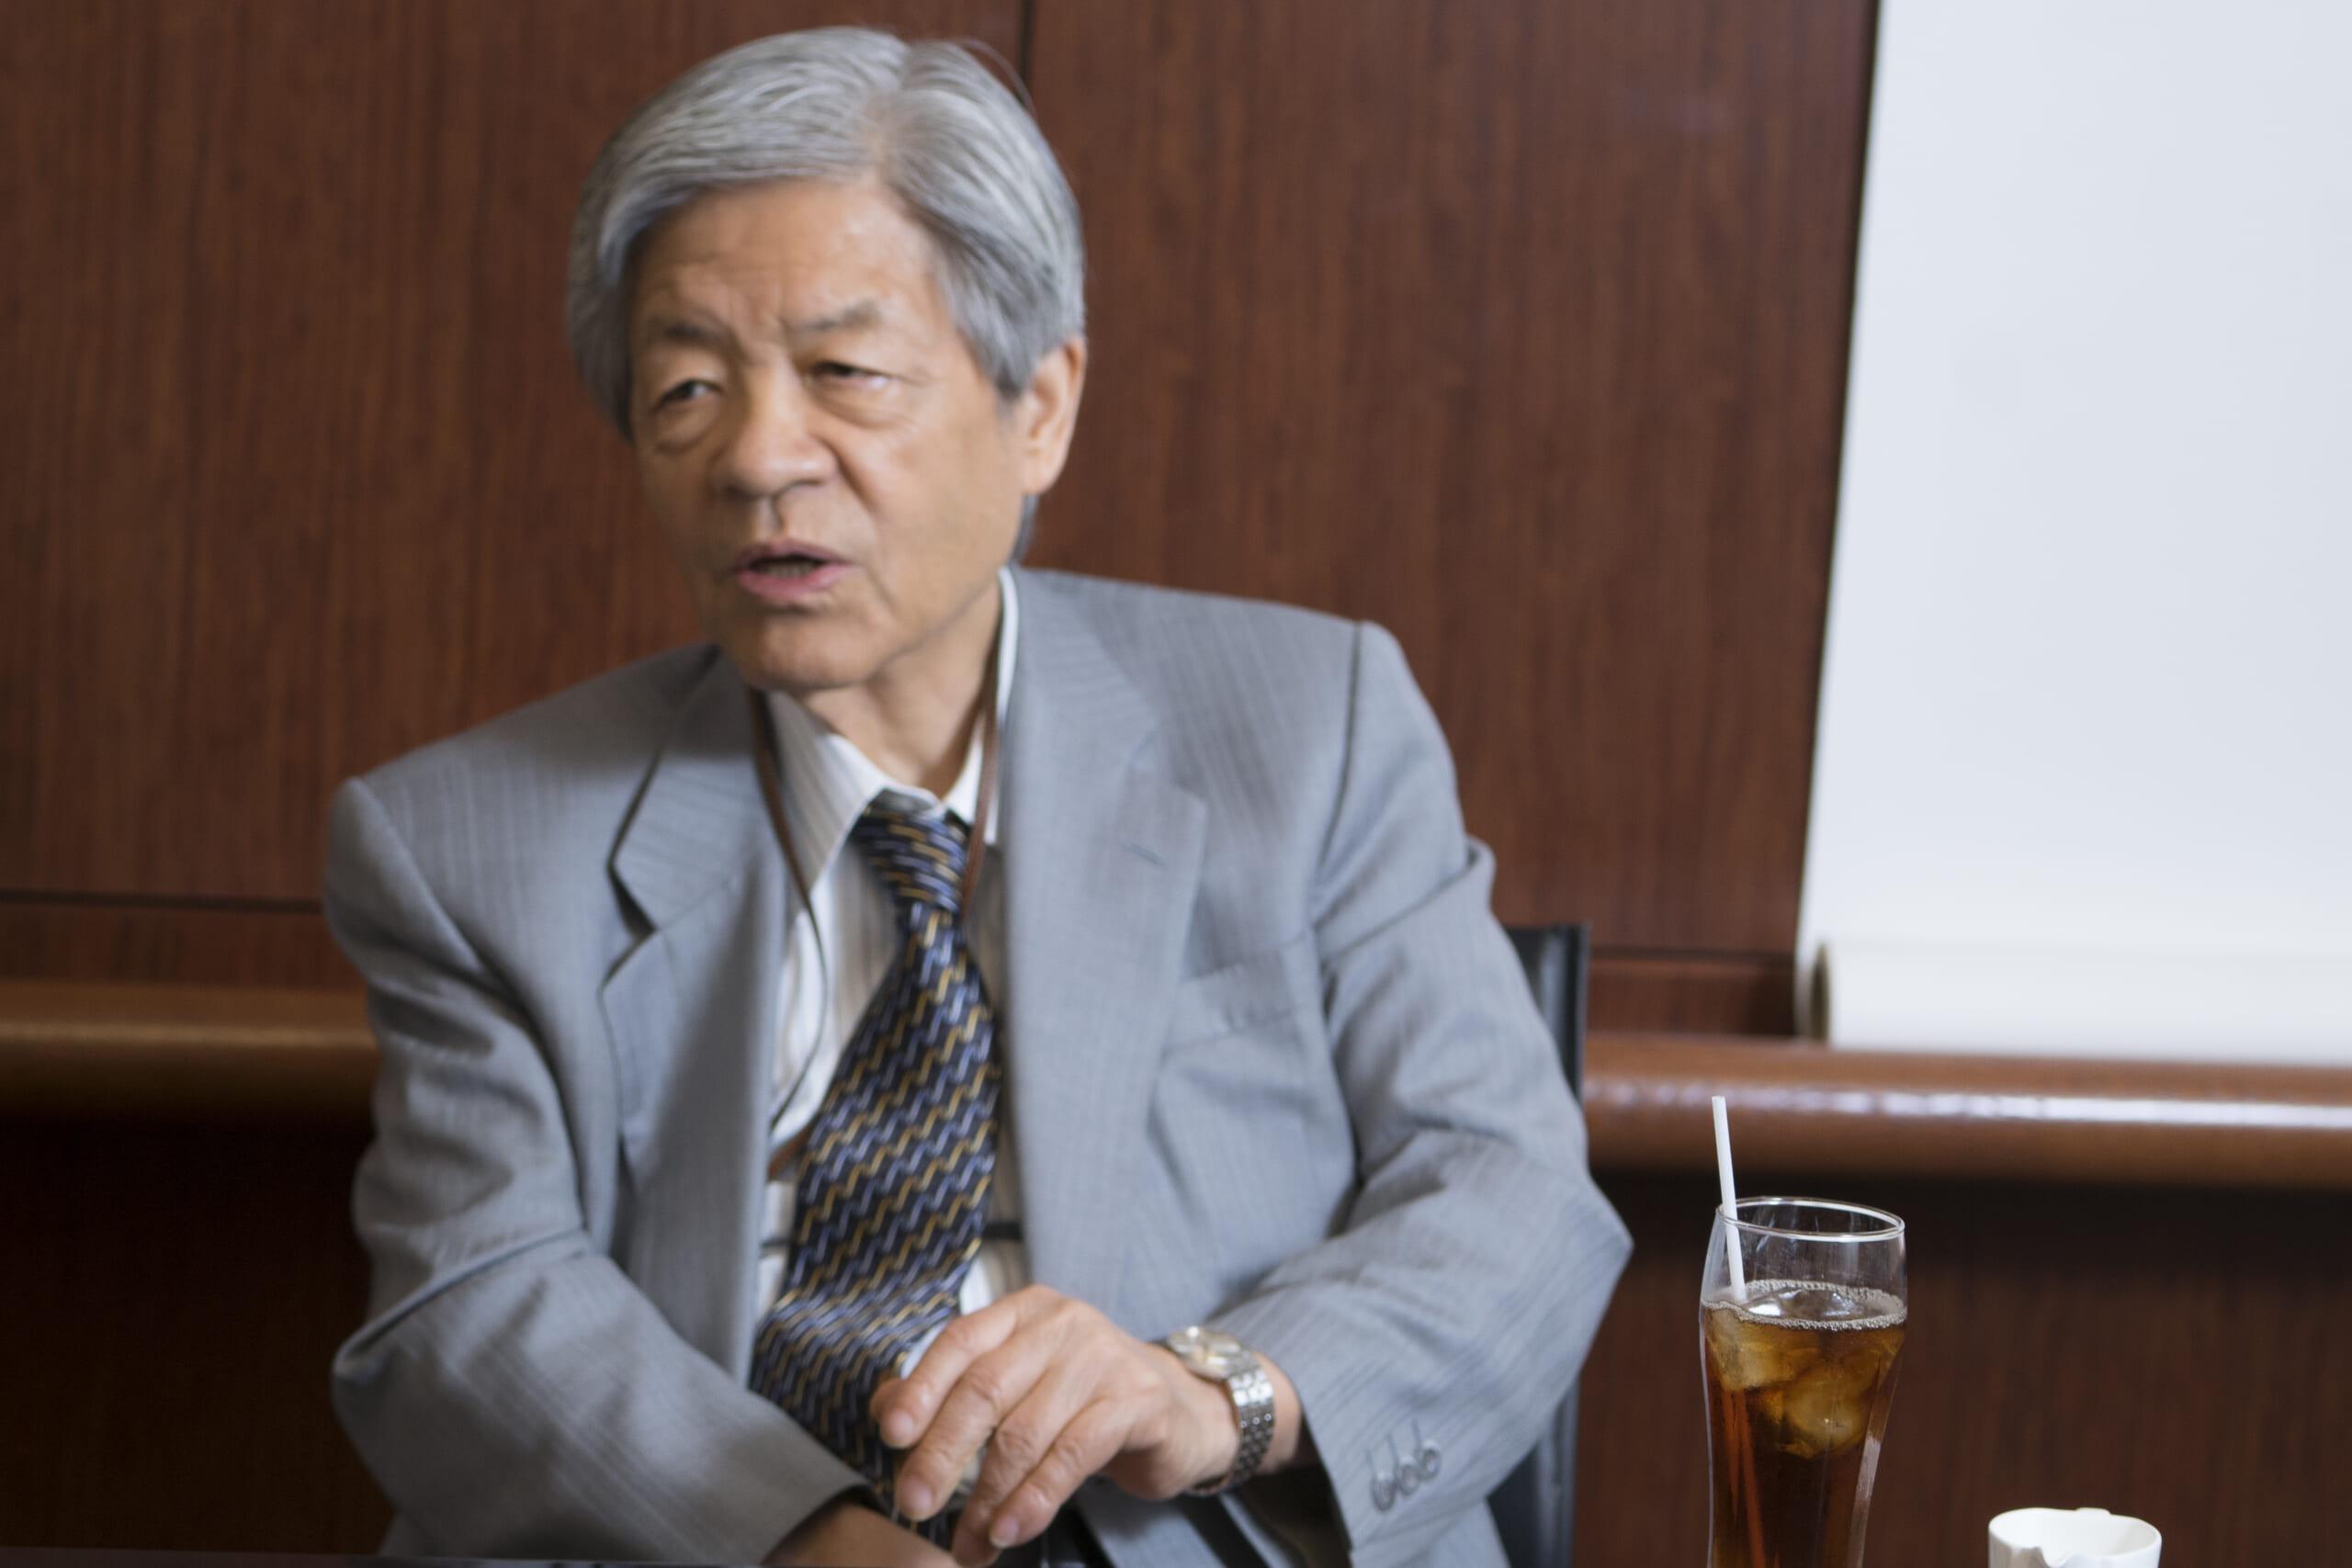 田原総一朗 「新聞の社説は、人間が書くよりもAIのほうがはるかに良くなってくるかもしれない」